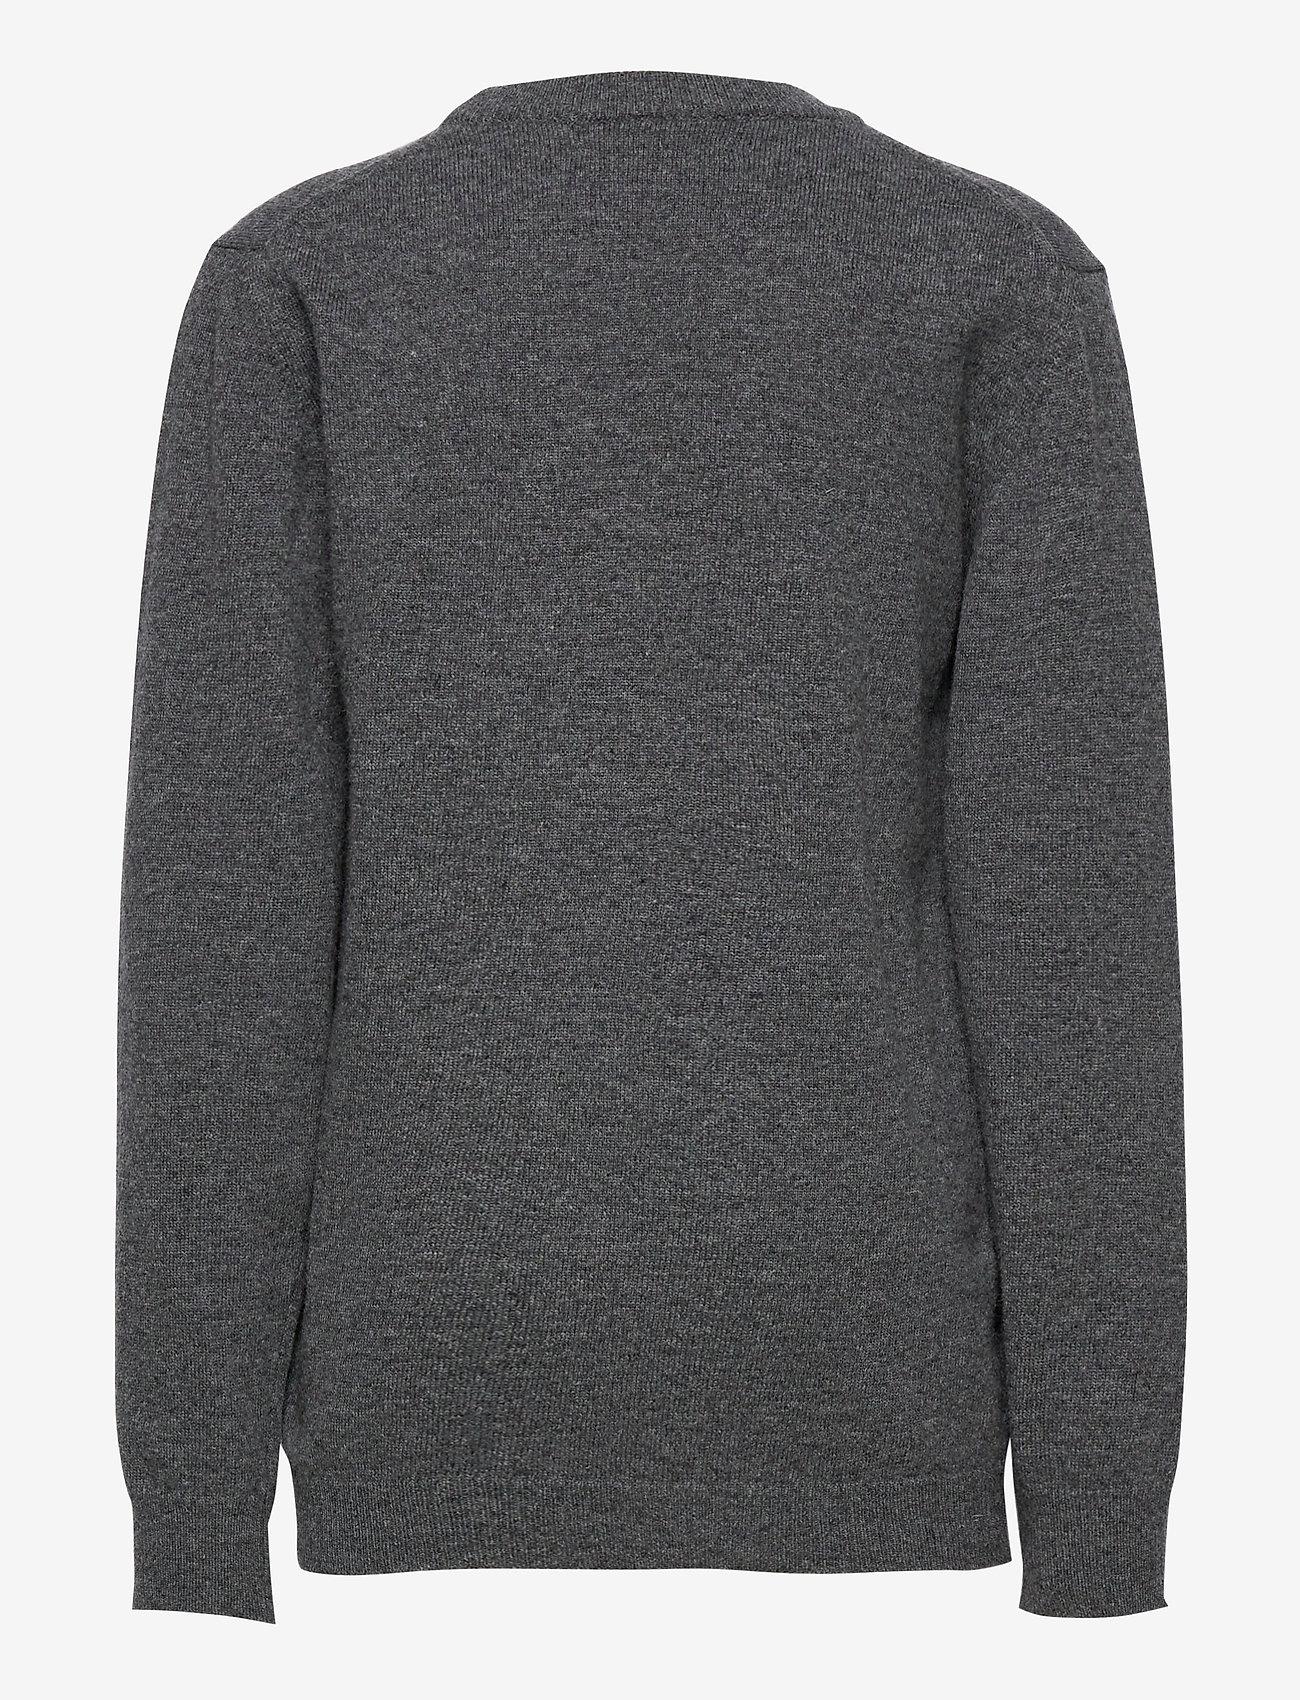 Eco Wool Karstino (Charcoal Melange) (63.20 €) - Mads Nørgaard IRvMM